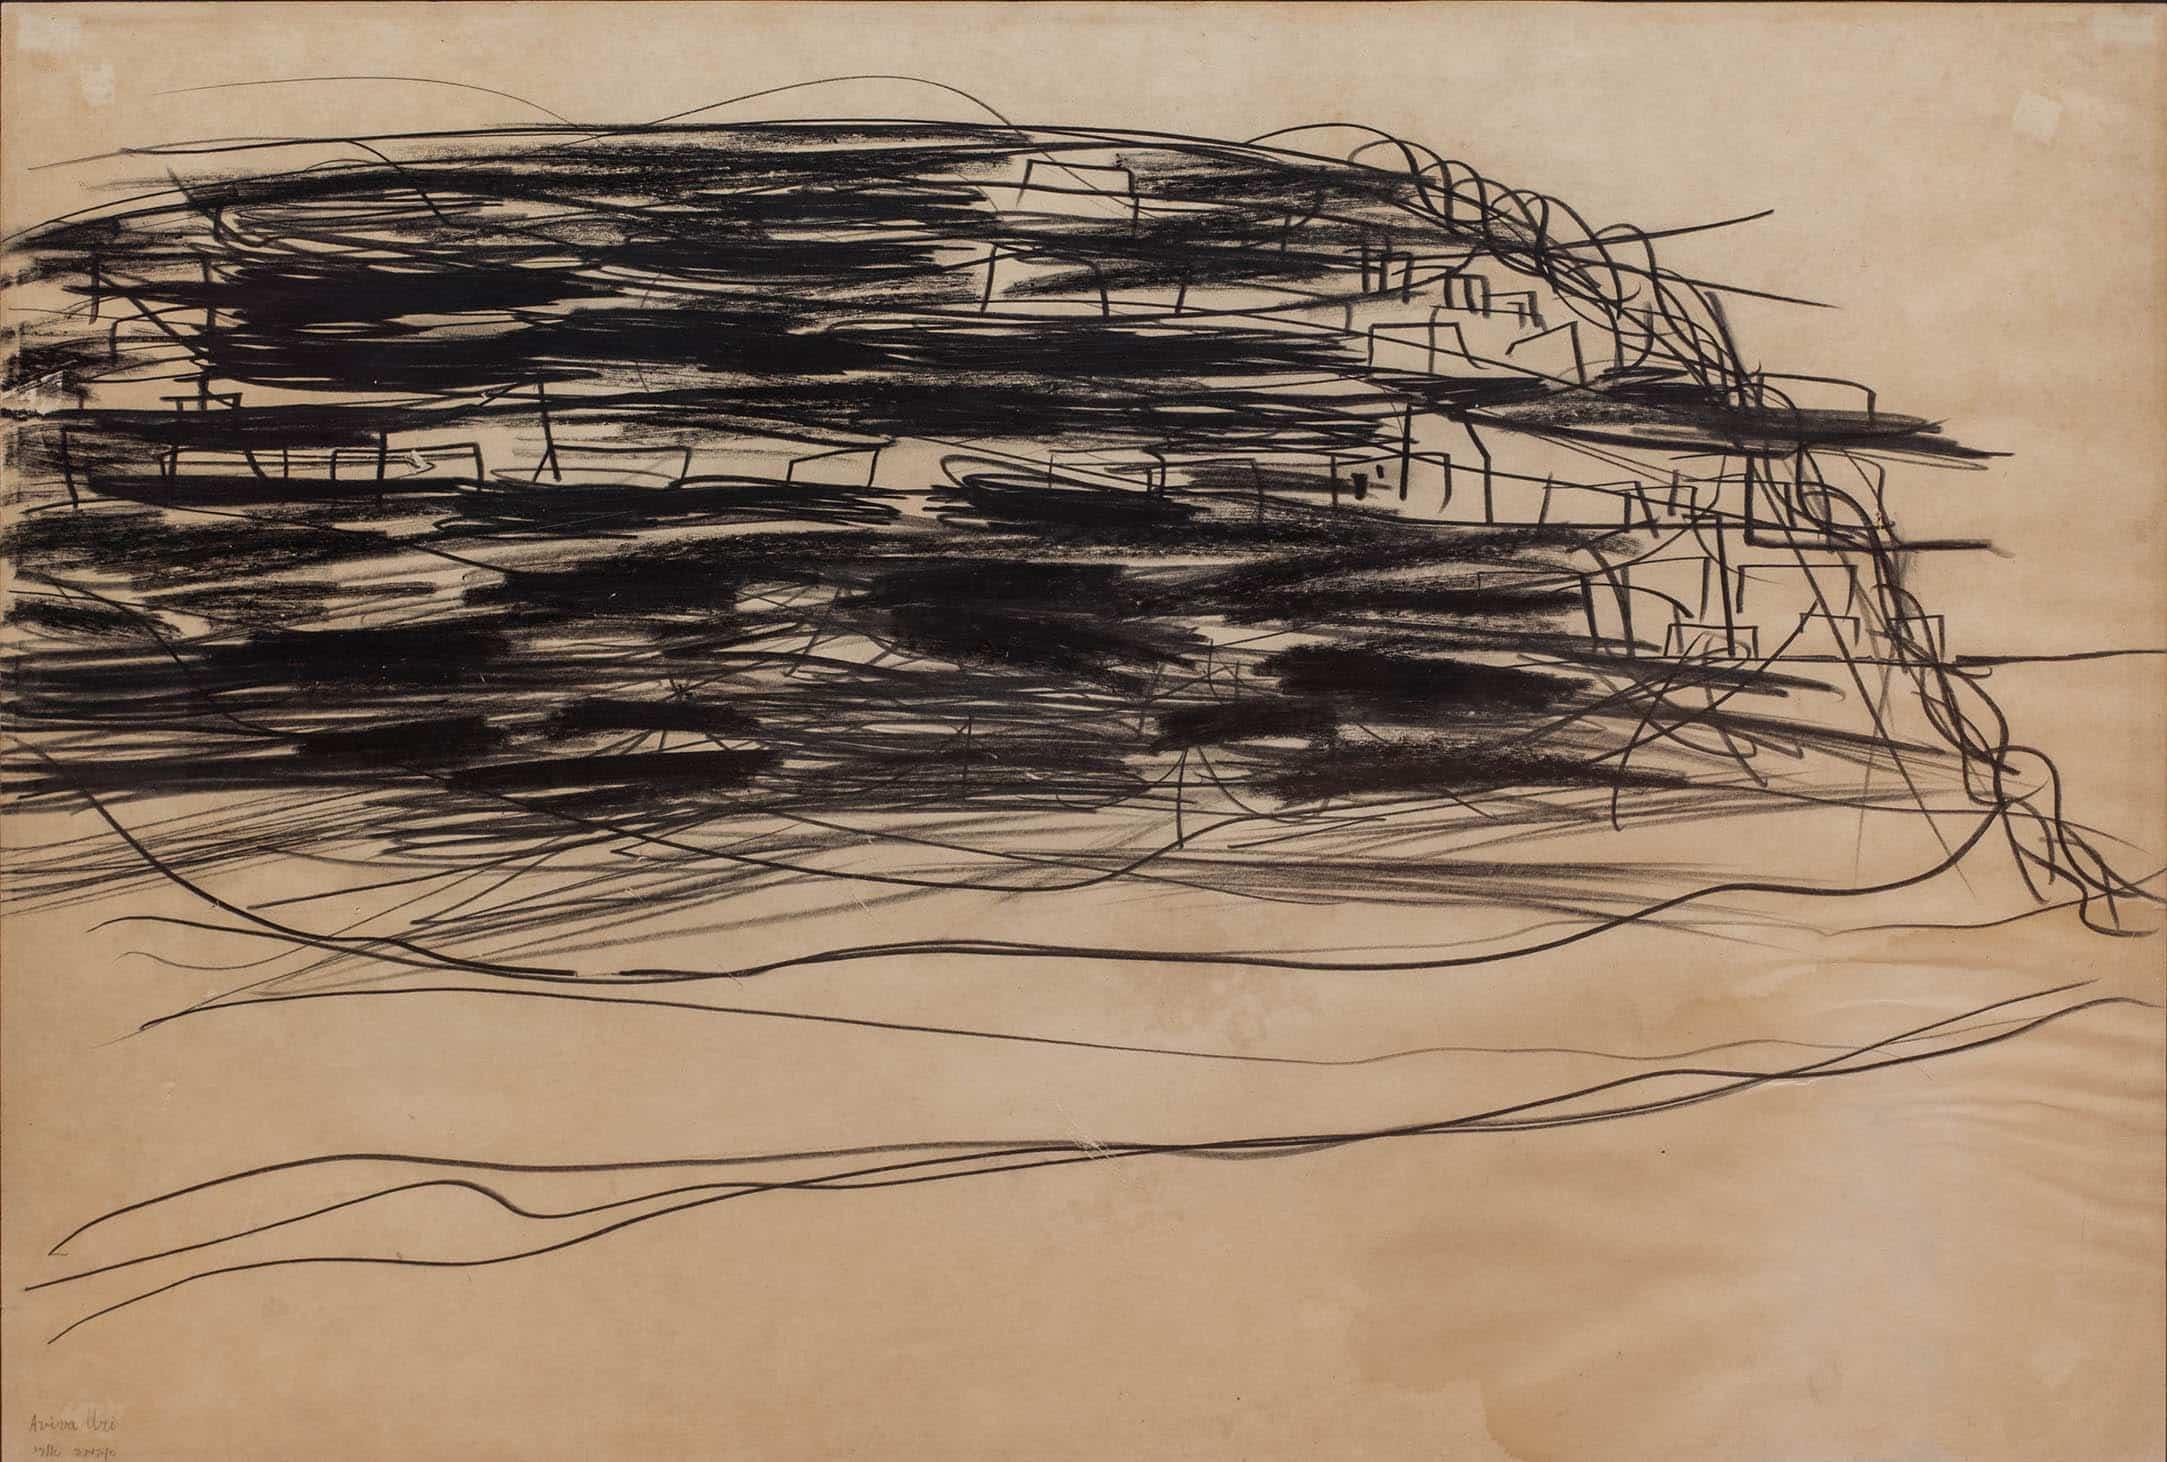 """אביבה אורי, גיר שחור על נייר, 70x50 ס""""מ"""